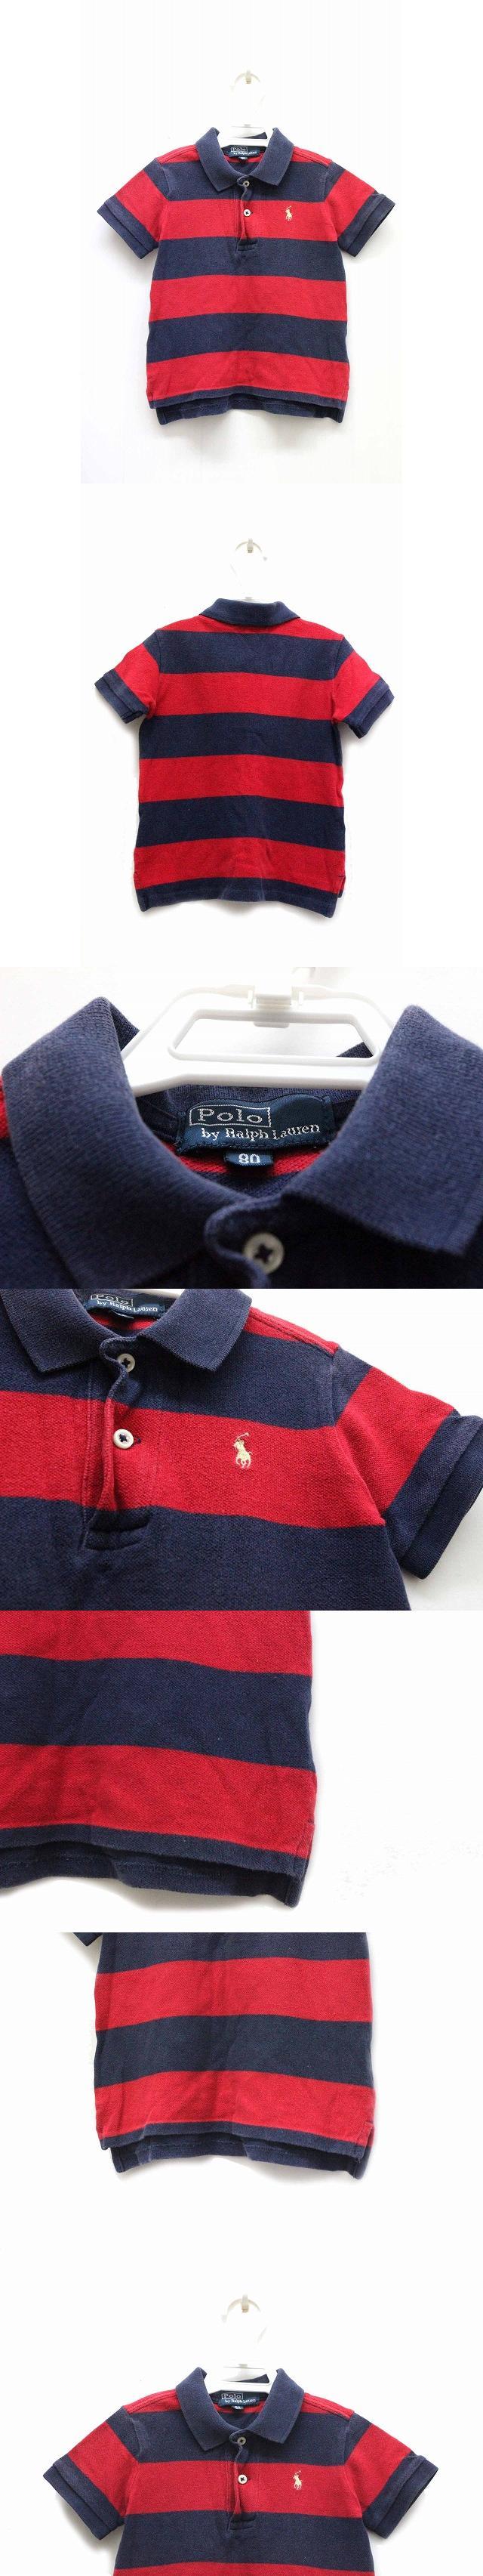 ポロシャツ 鹿の子 ボーダー 柄 ワンポイント 半袖 80 ネイビー 紺 /BK6 ベビー